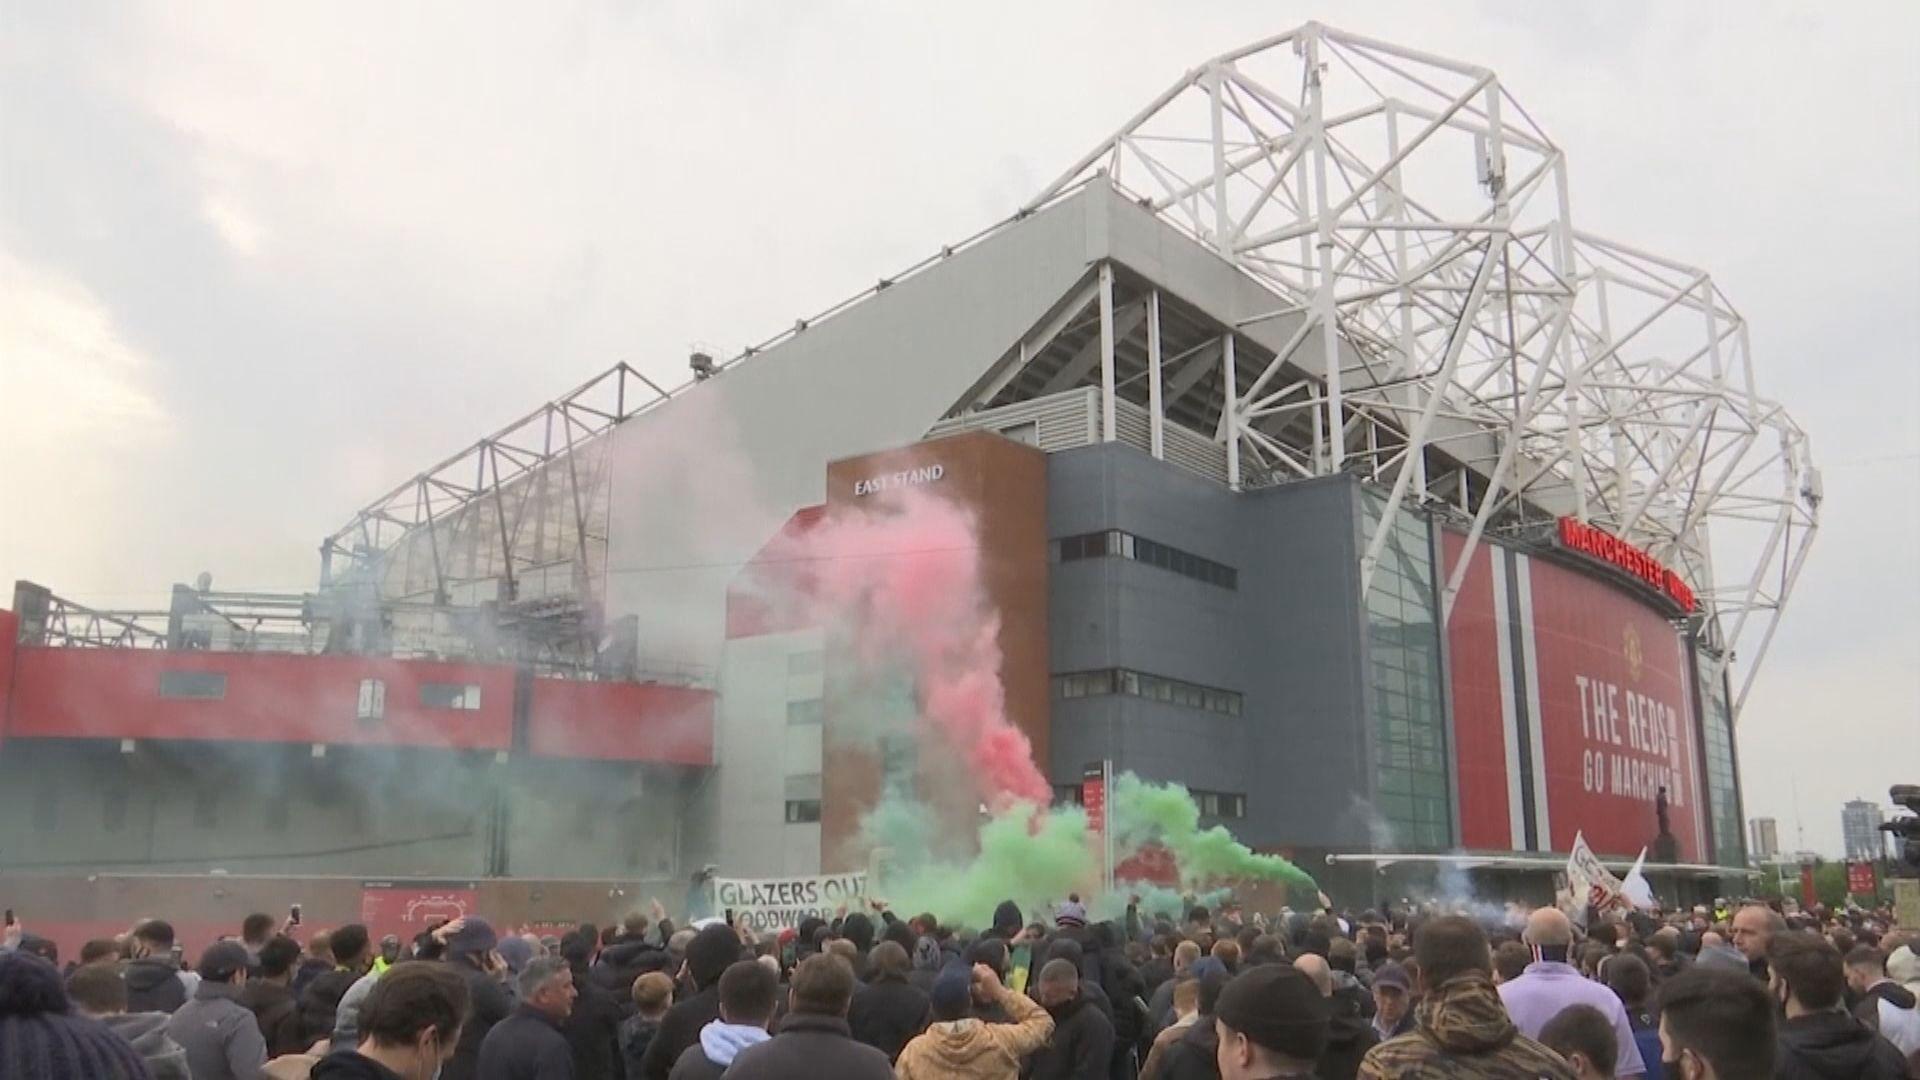 曼聯球迷再舉行示威要求班主下台